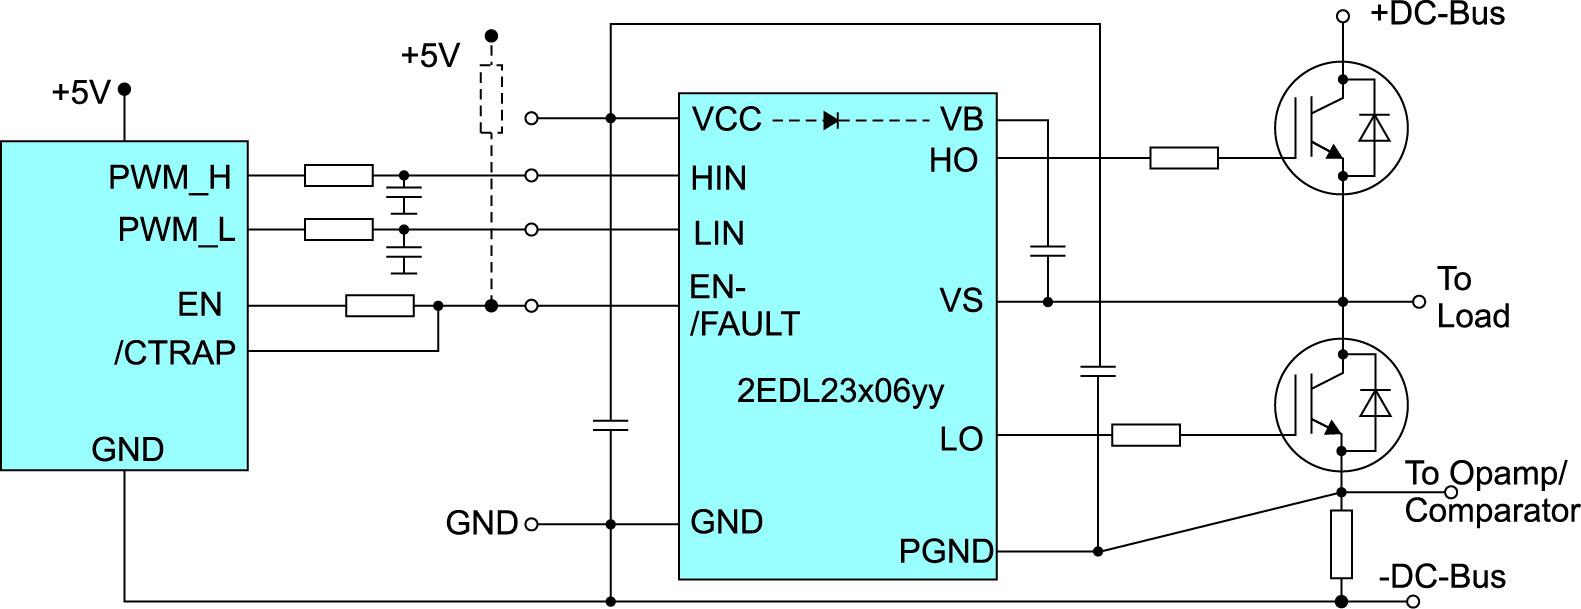 Схема включения драйверов 2EDL23x06yy на 2,3 А